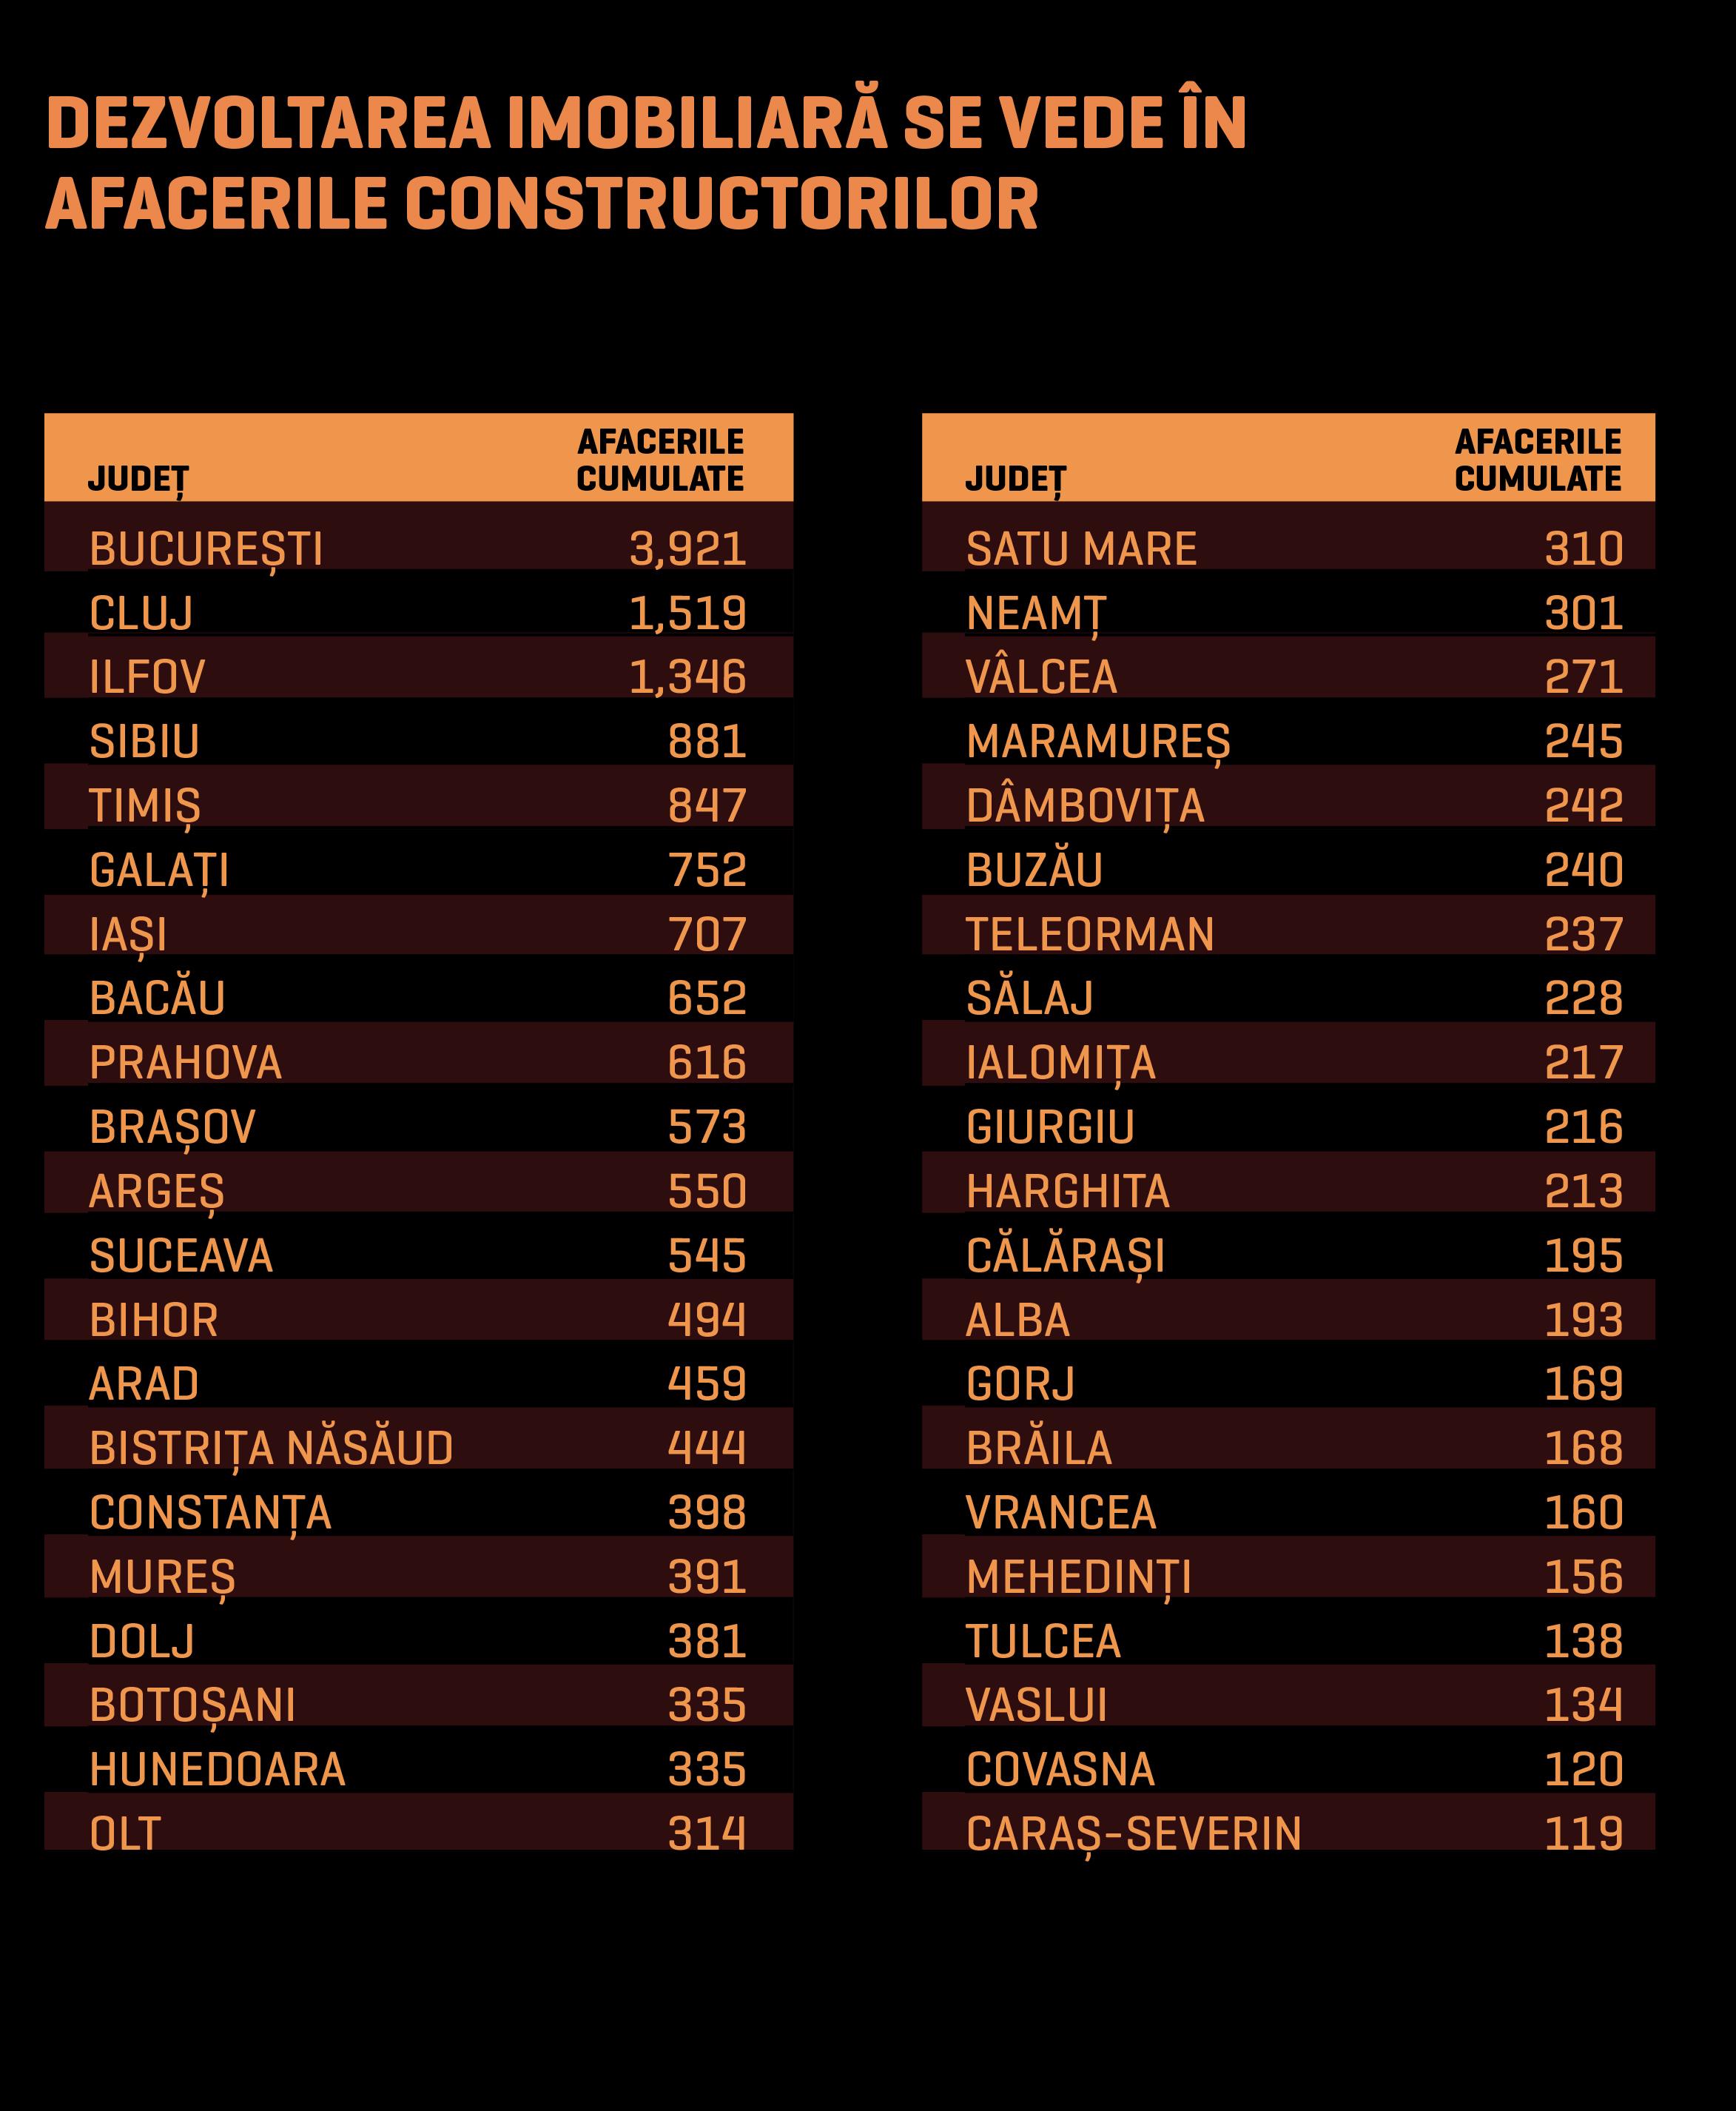 Bucureşti, Ilfov şi Cluj – motoarele creşterii afacerilor pentru firmele din construcţii